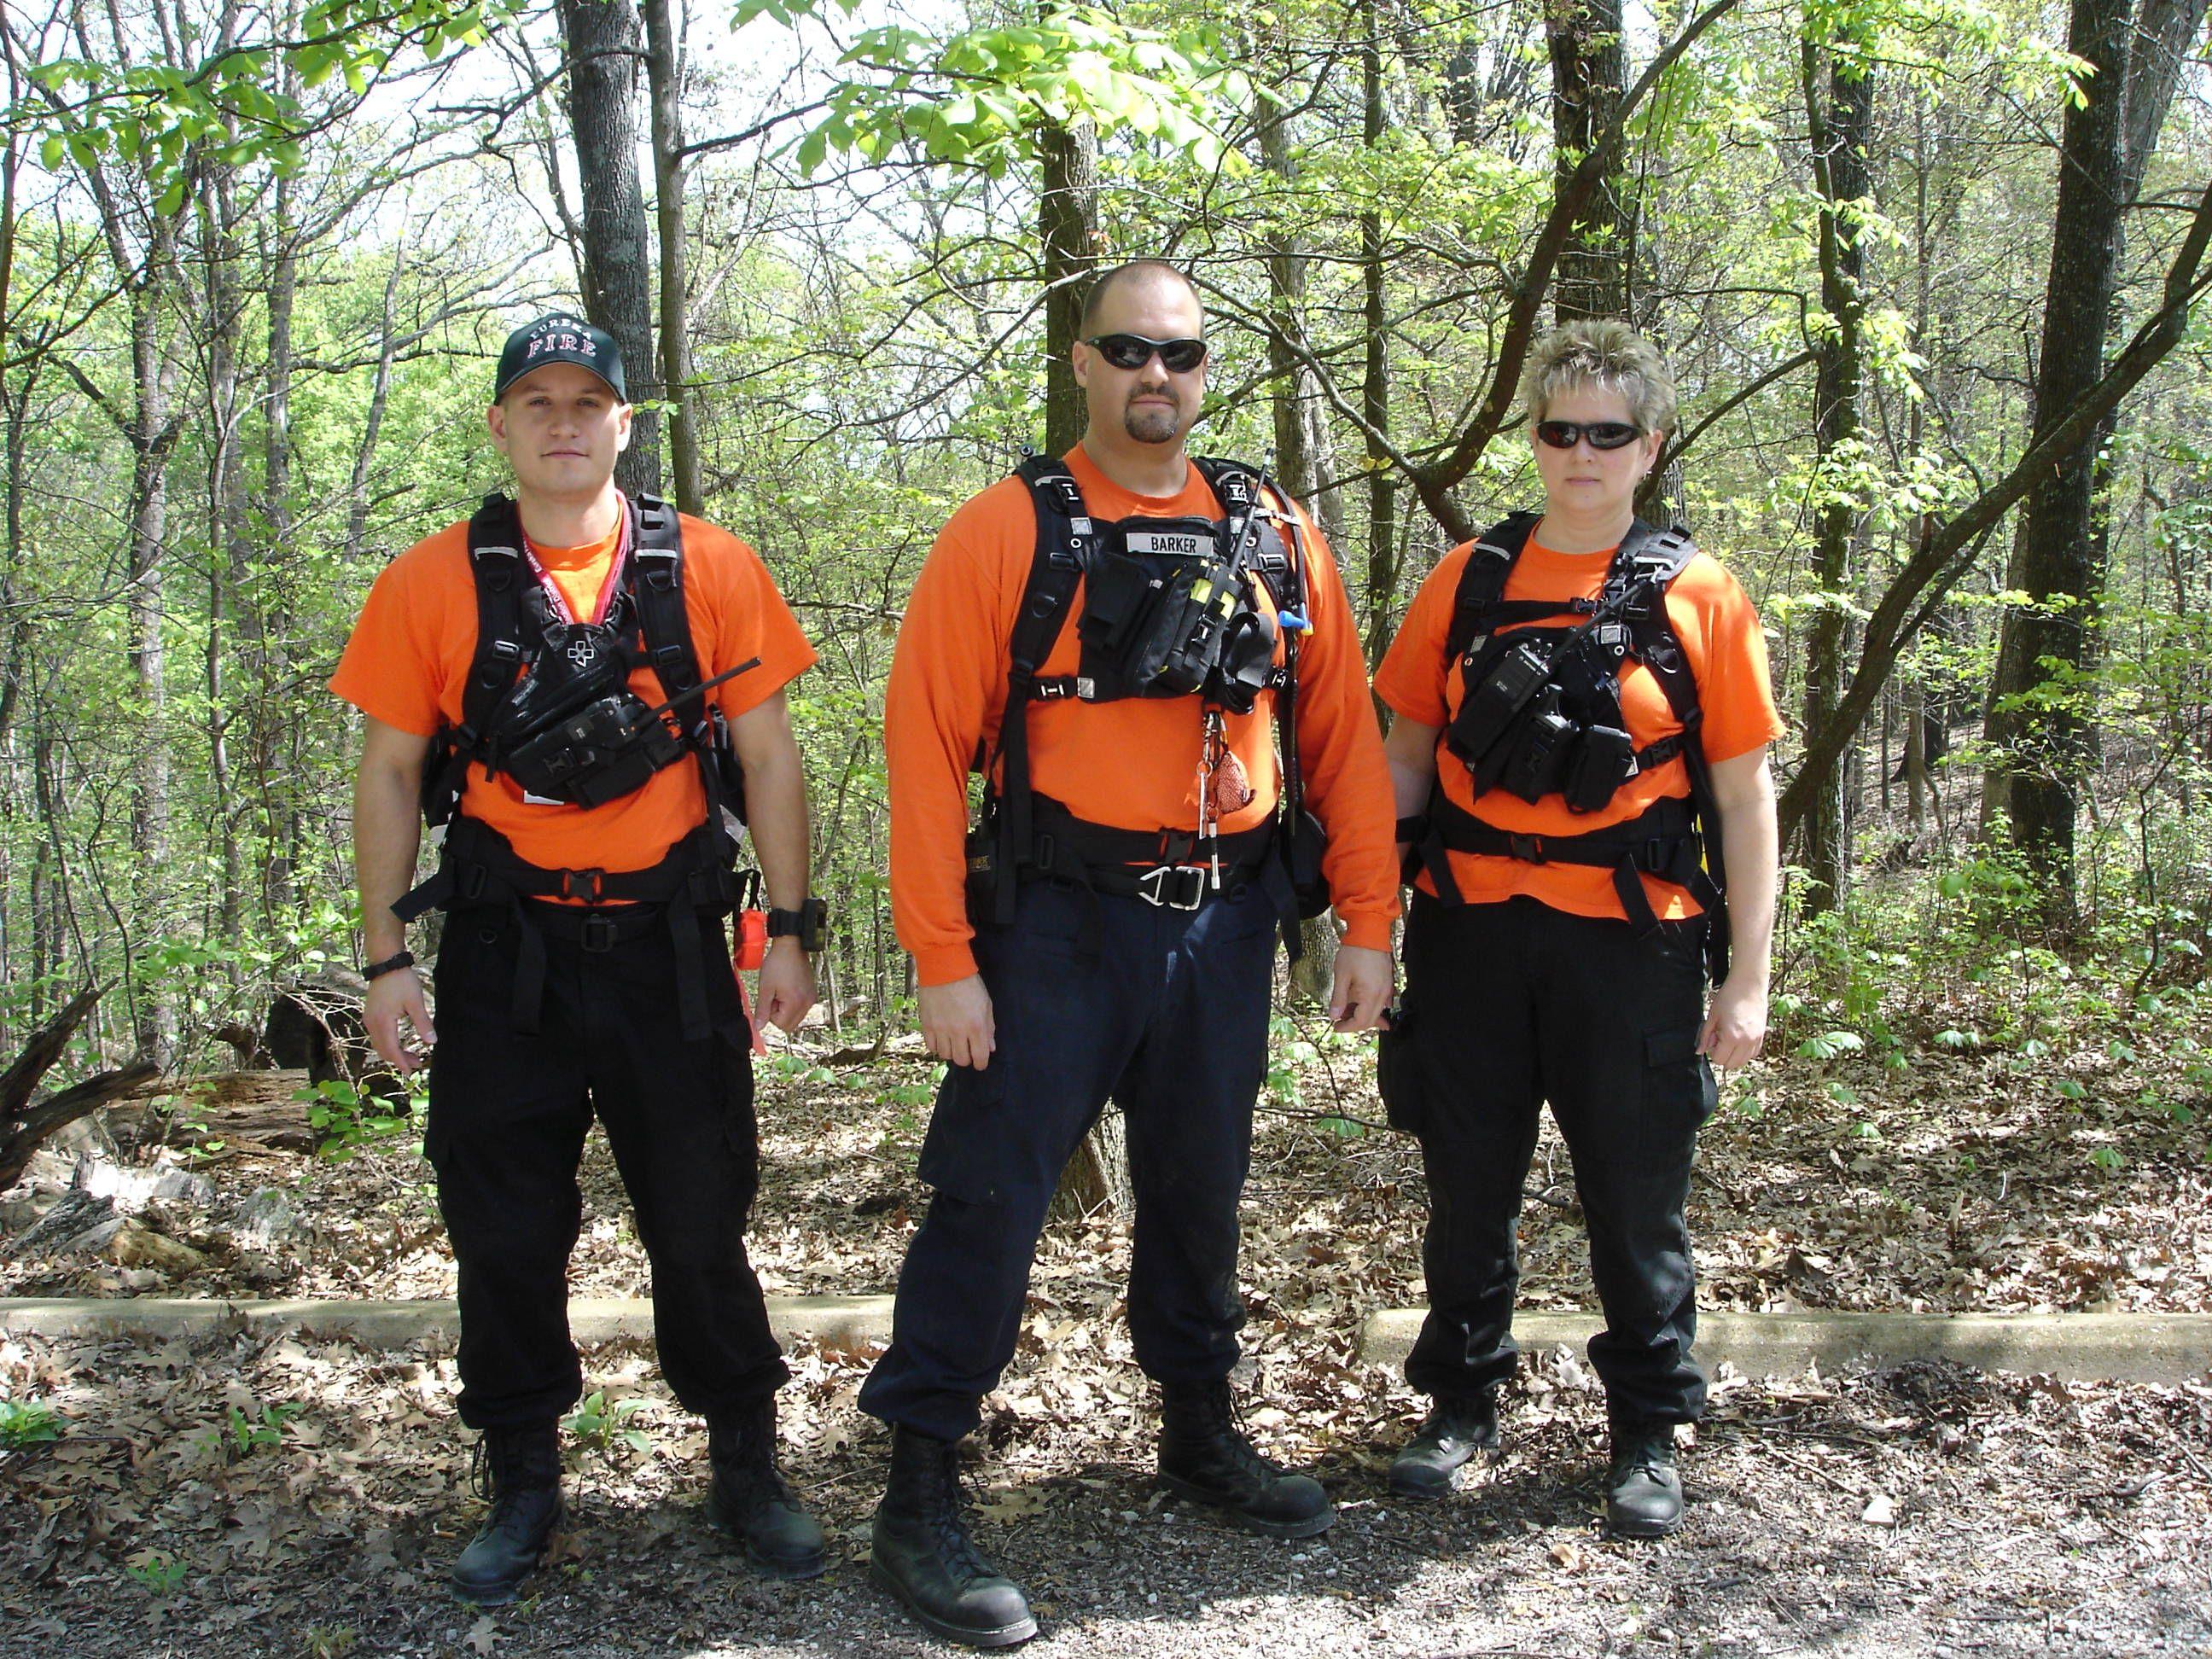 Search and rescue - Wikipedia